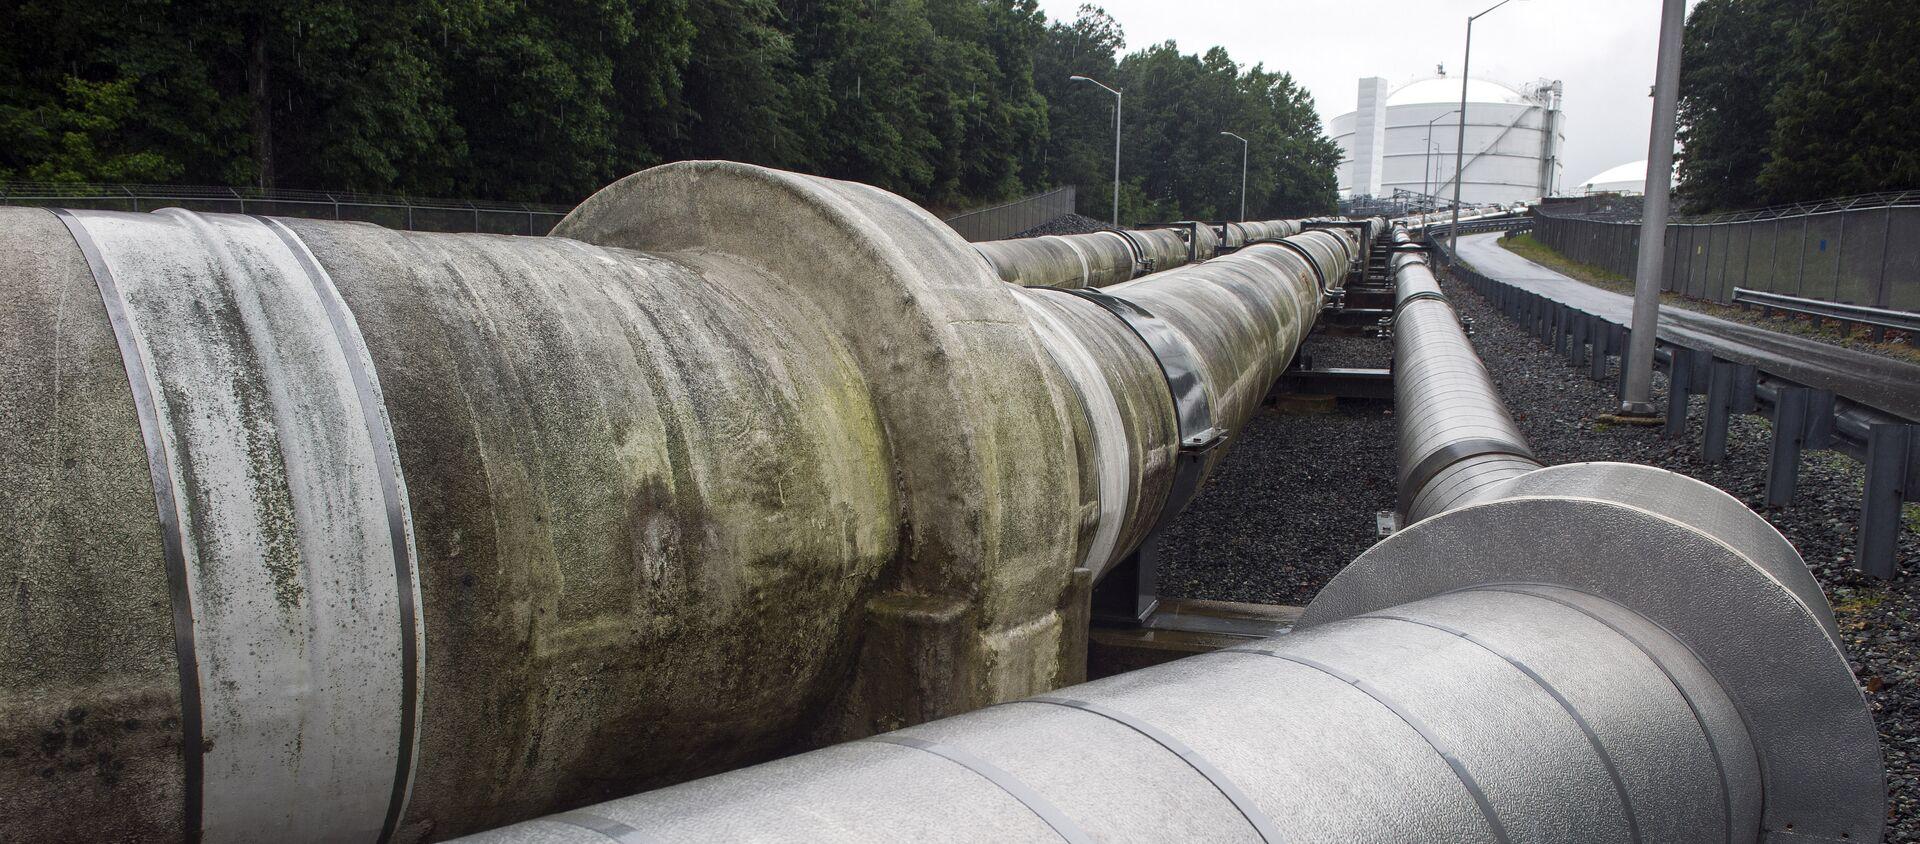 Unas tuberías que trasladan el gas natural licuado (archivo) - Sputnik Mundo, 1920, 05.08.2020